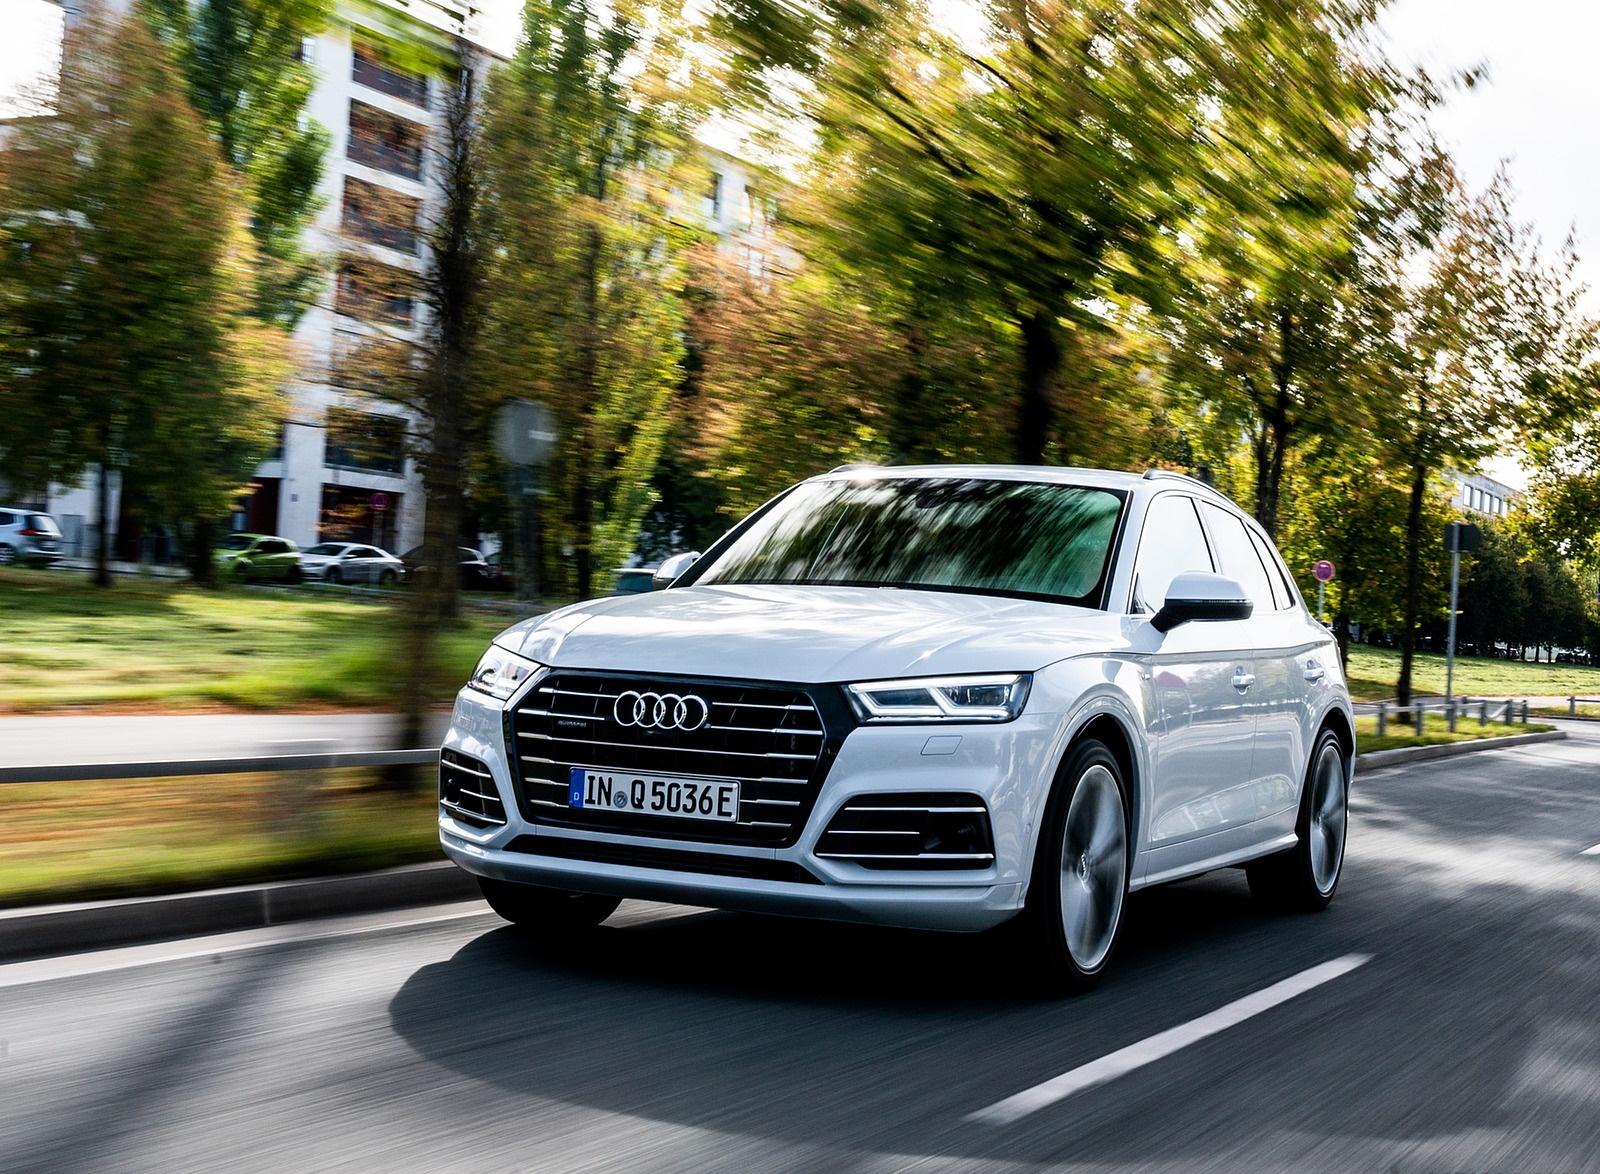 2020 Audi Q5 TFSI e Plug-In Hybrid (Color: Glacier White) Front Three-Quarter Wallpapers (4)